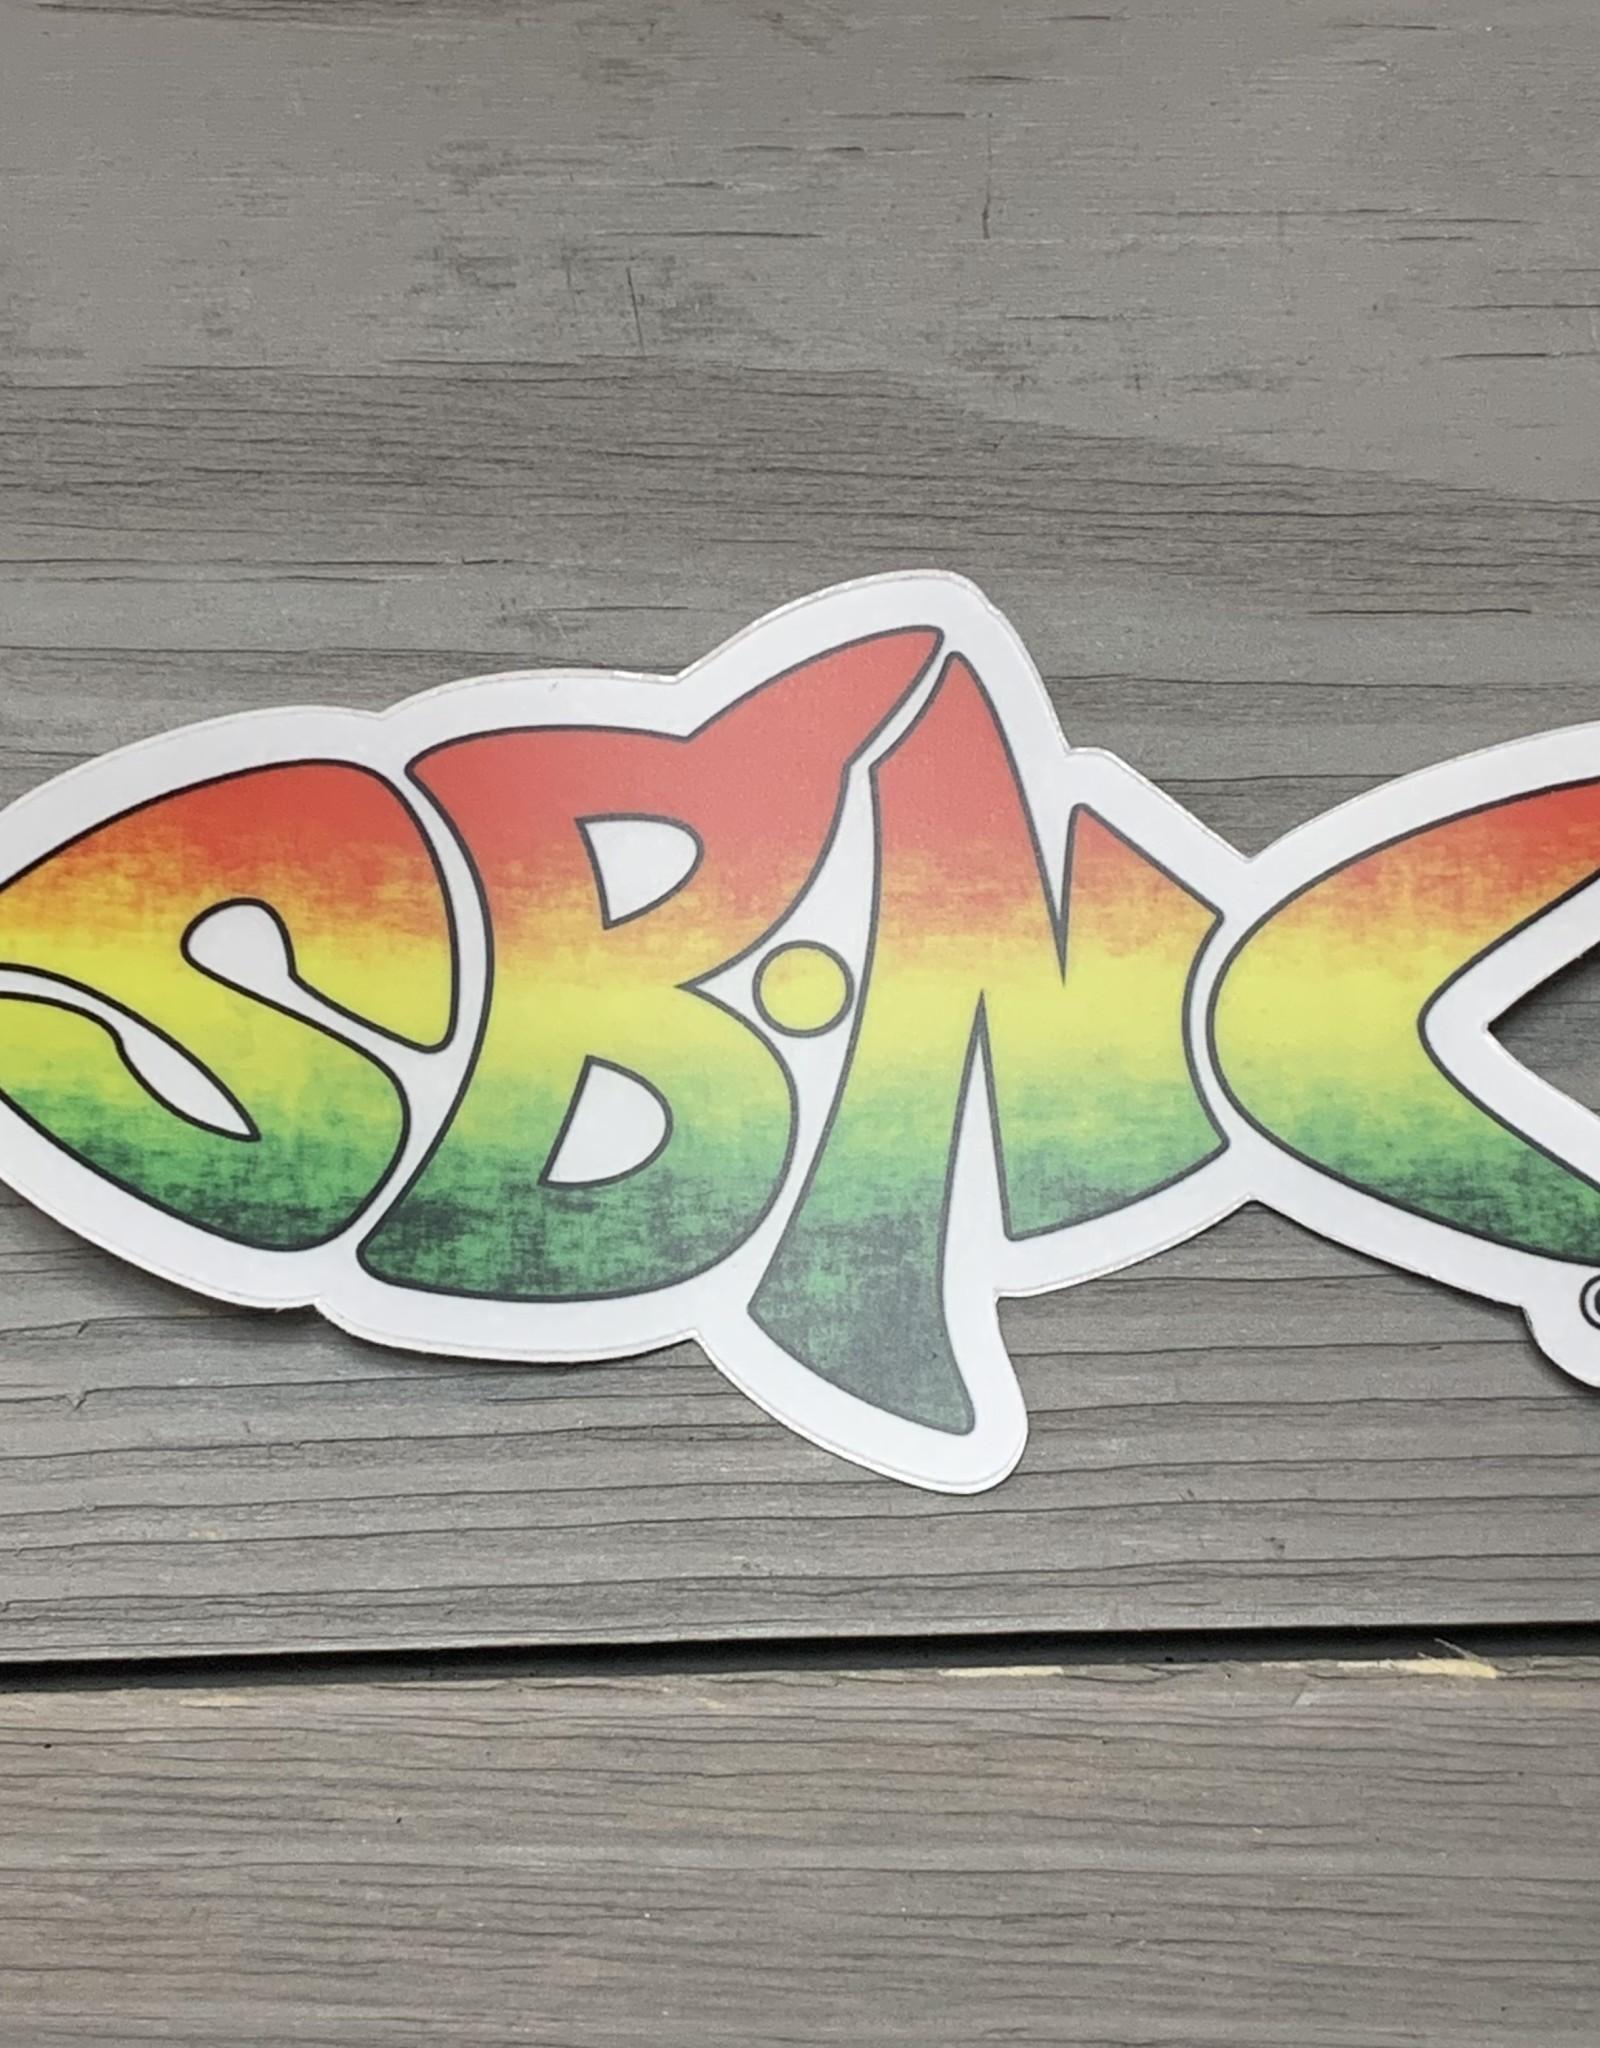 sbncfish STICKER (L) SBNC FISH RASTA